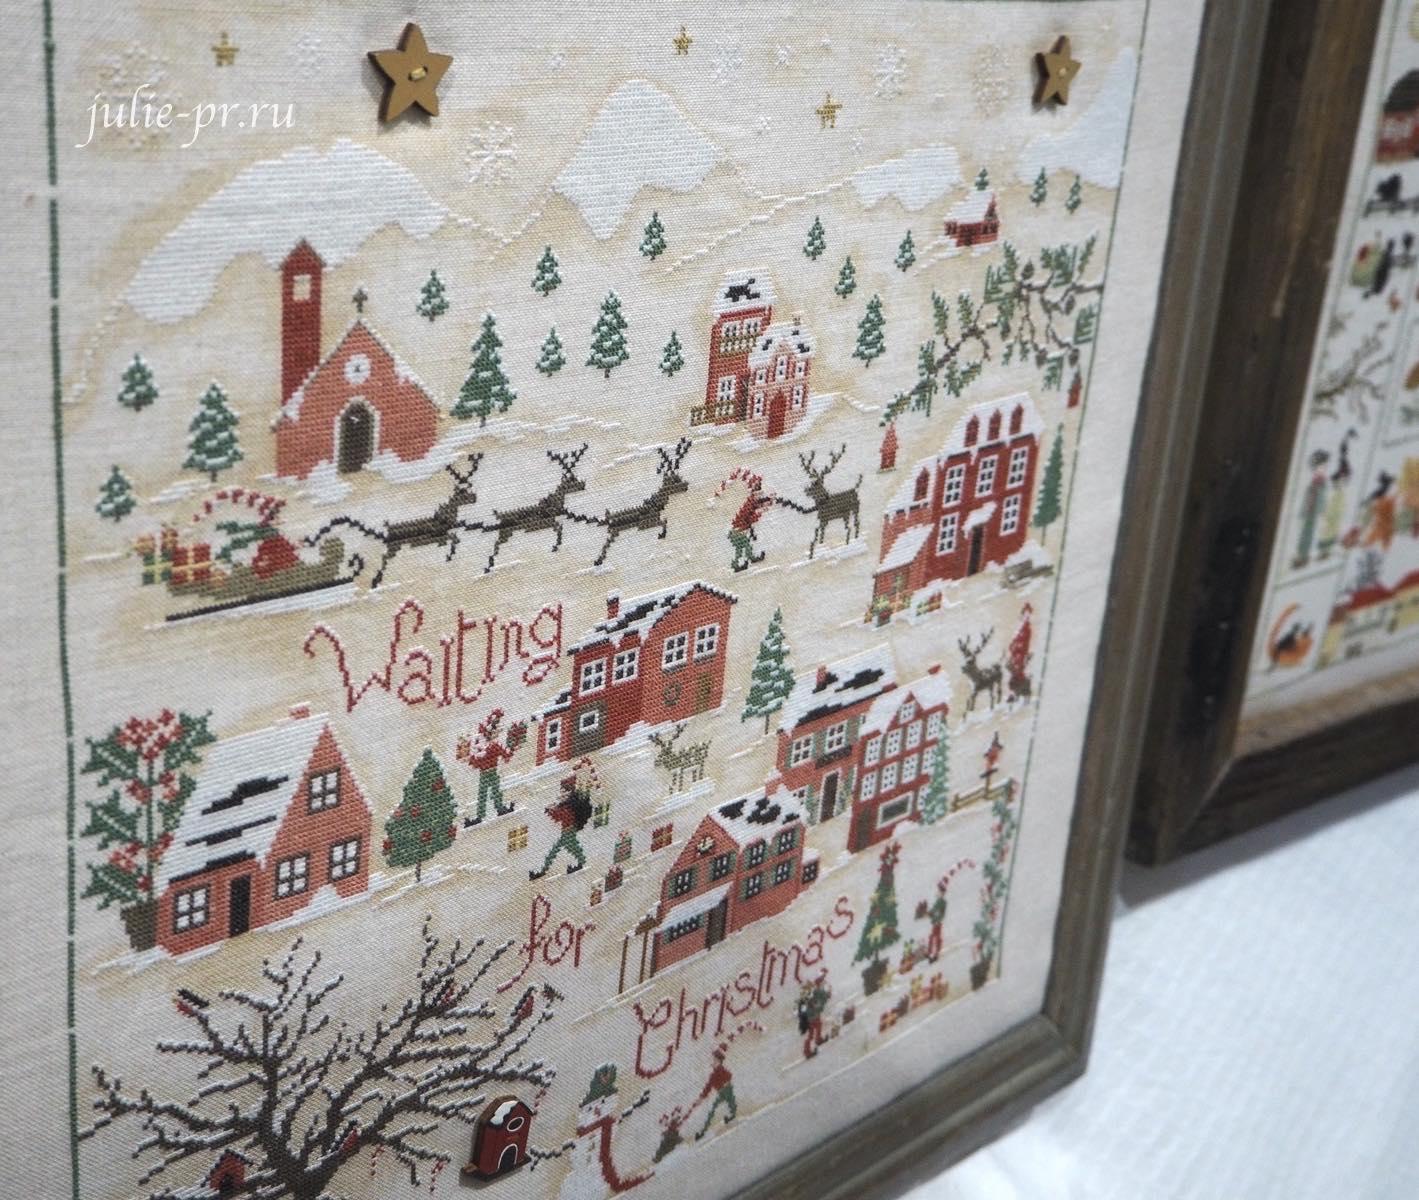 Sara Guermani, Waiting for Christmas, В ожидании Рождества, вышивка крестом